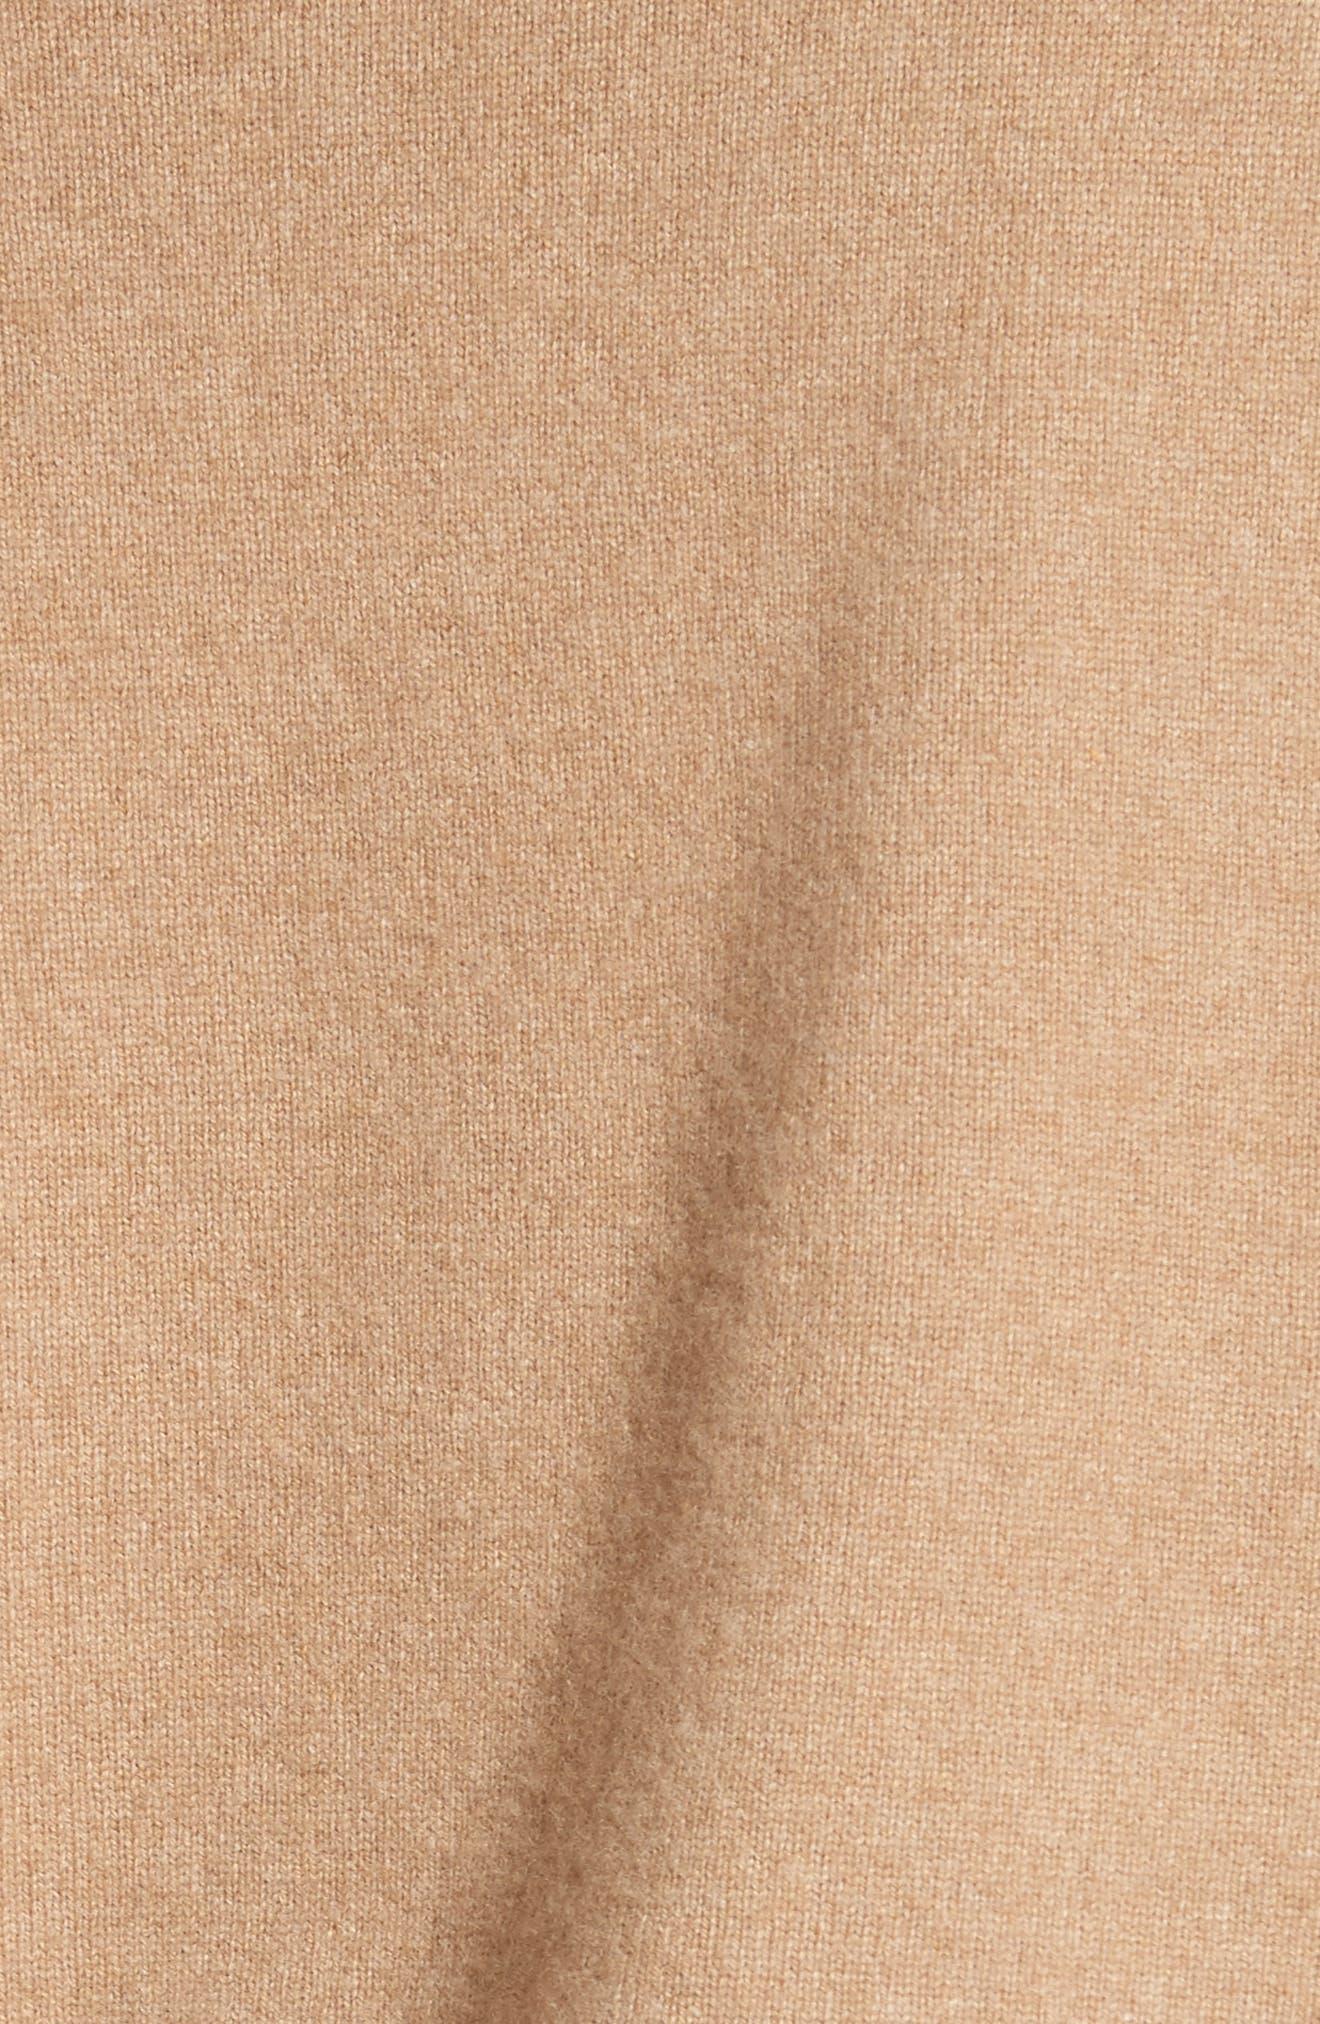 Alternate Image 5  - Alexander Wang Asymmetrical Wool & Cashmere Blend Sweater Dress